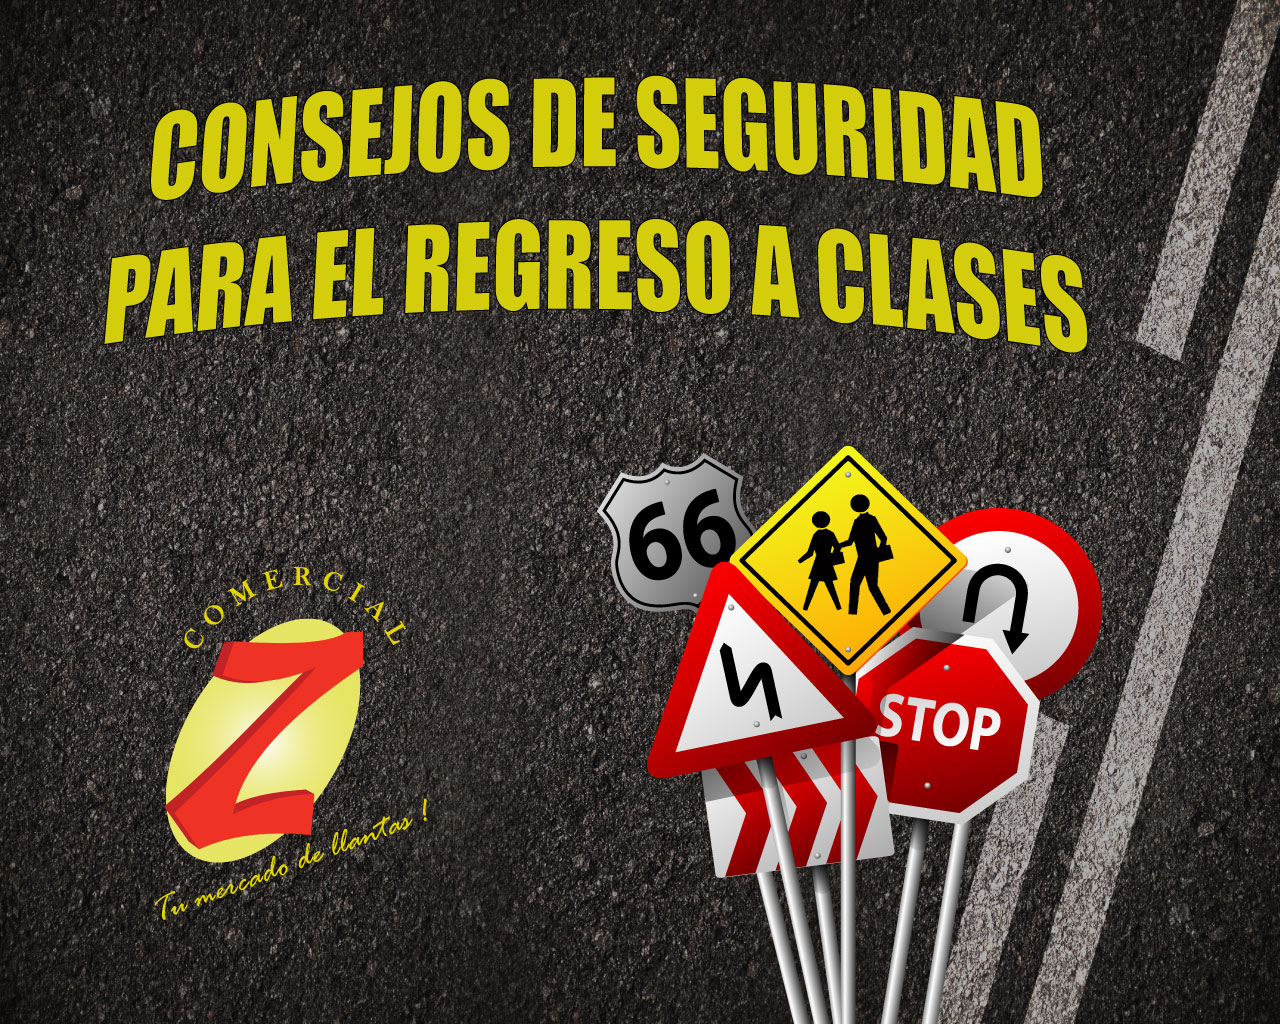 Consejos de seguridad vehicular